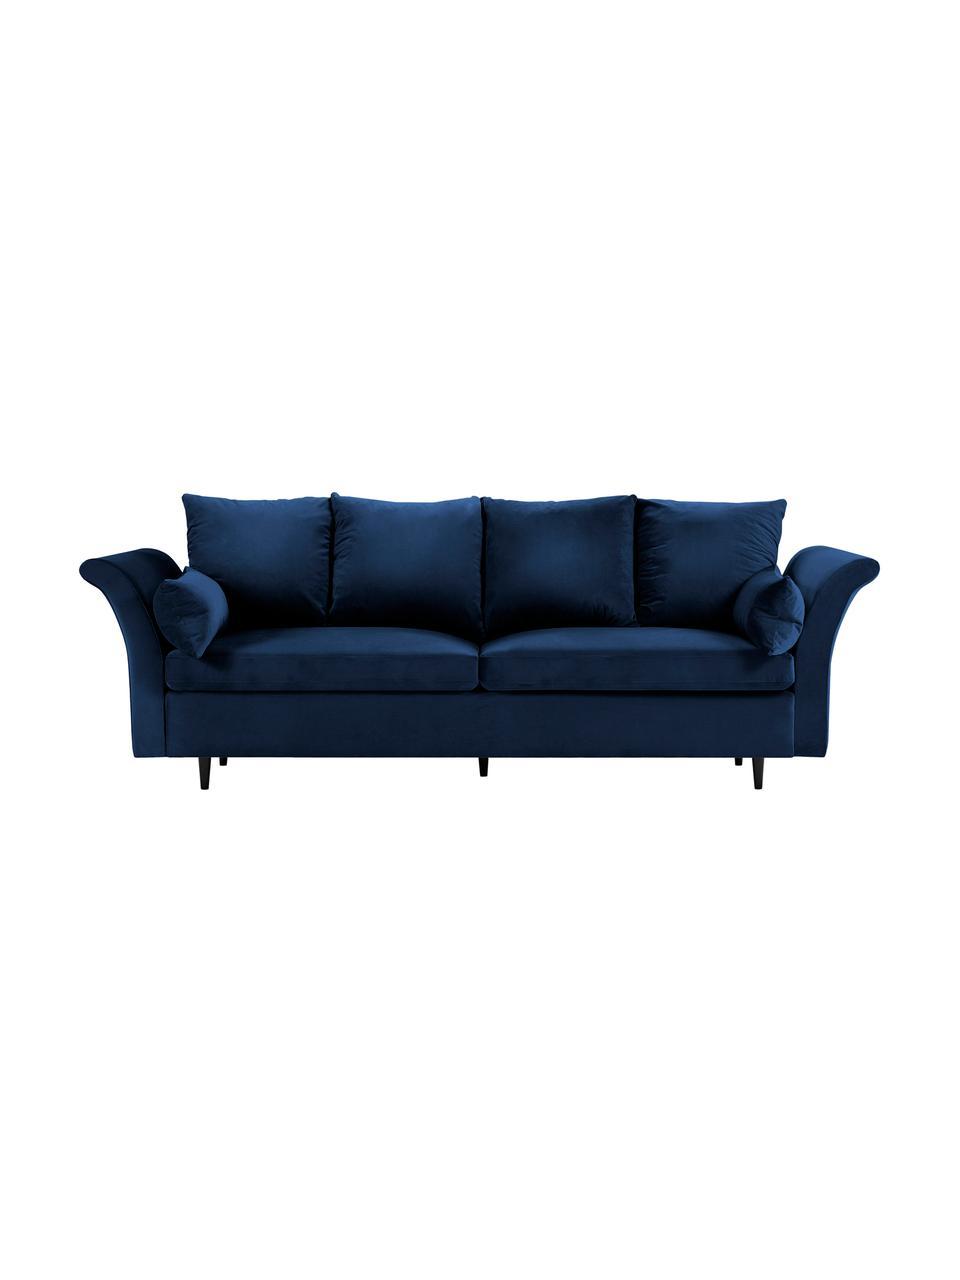 Divano letto 3 posti in velluto blu scuro Lola, Rivestimento: velluto di poliestere Il , Piedini: legno di pino verniciato, Blu scuro, Larg. 245 x Alt. 95 cm